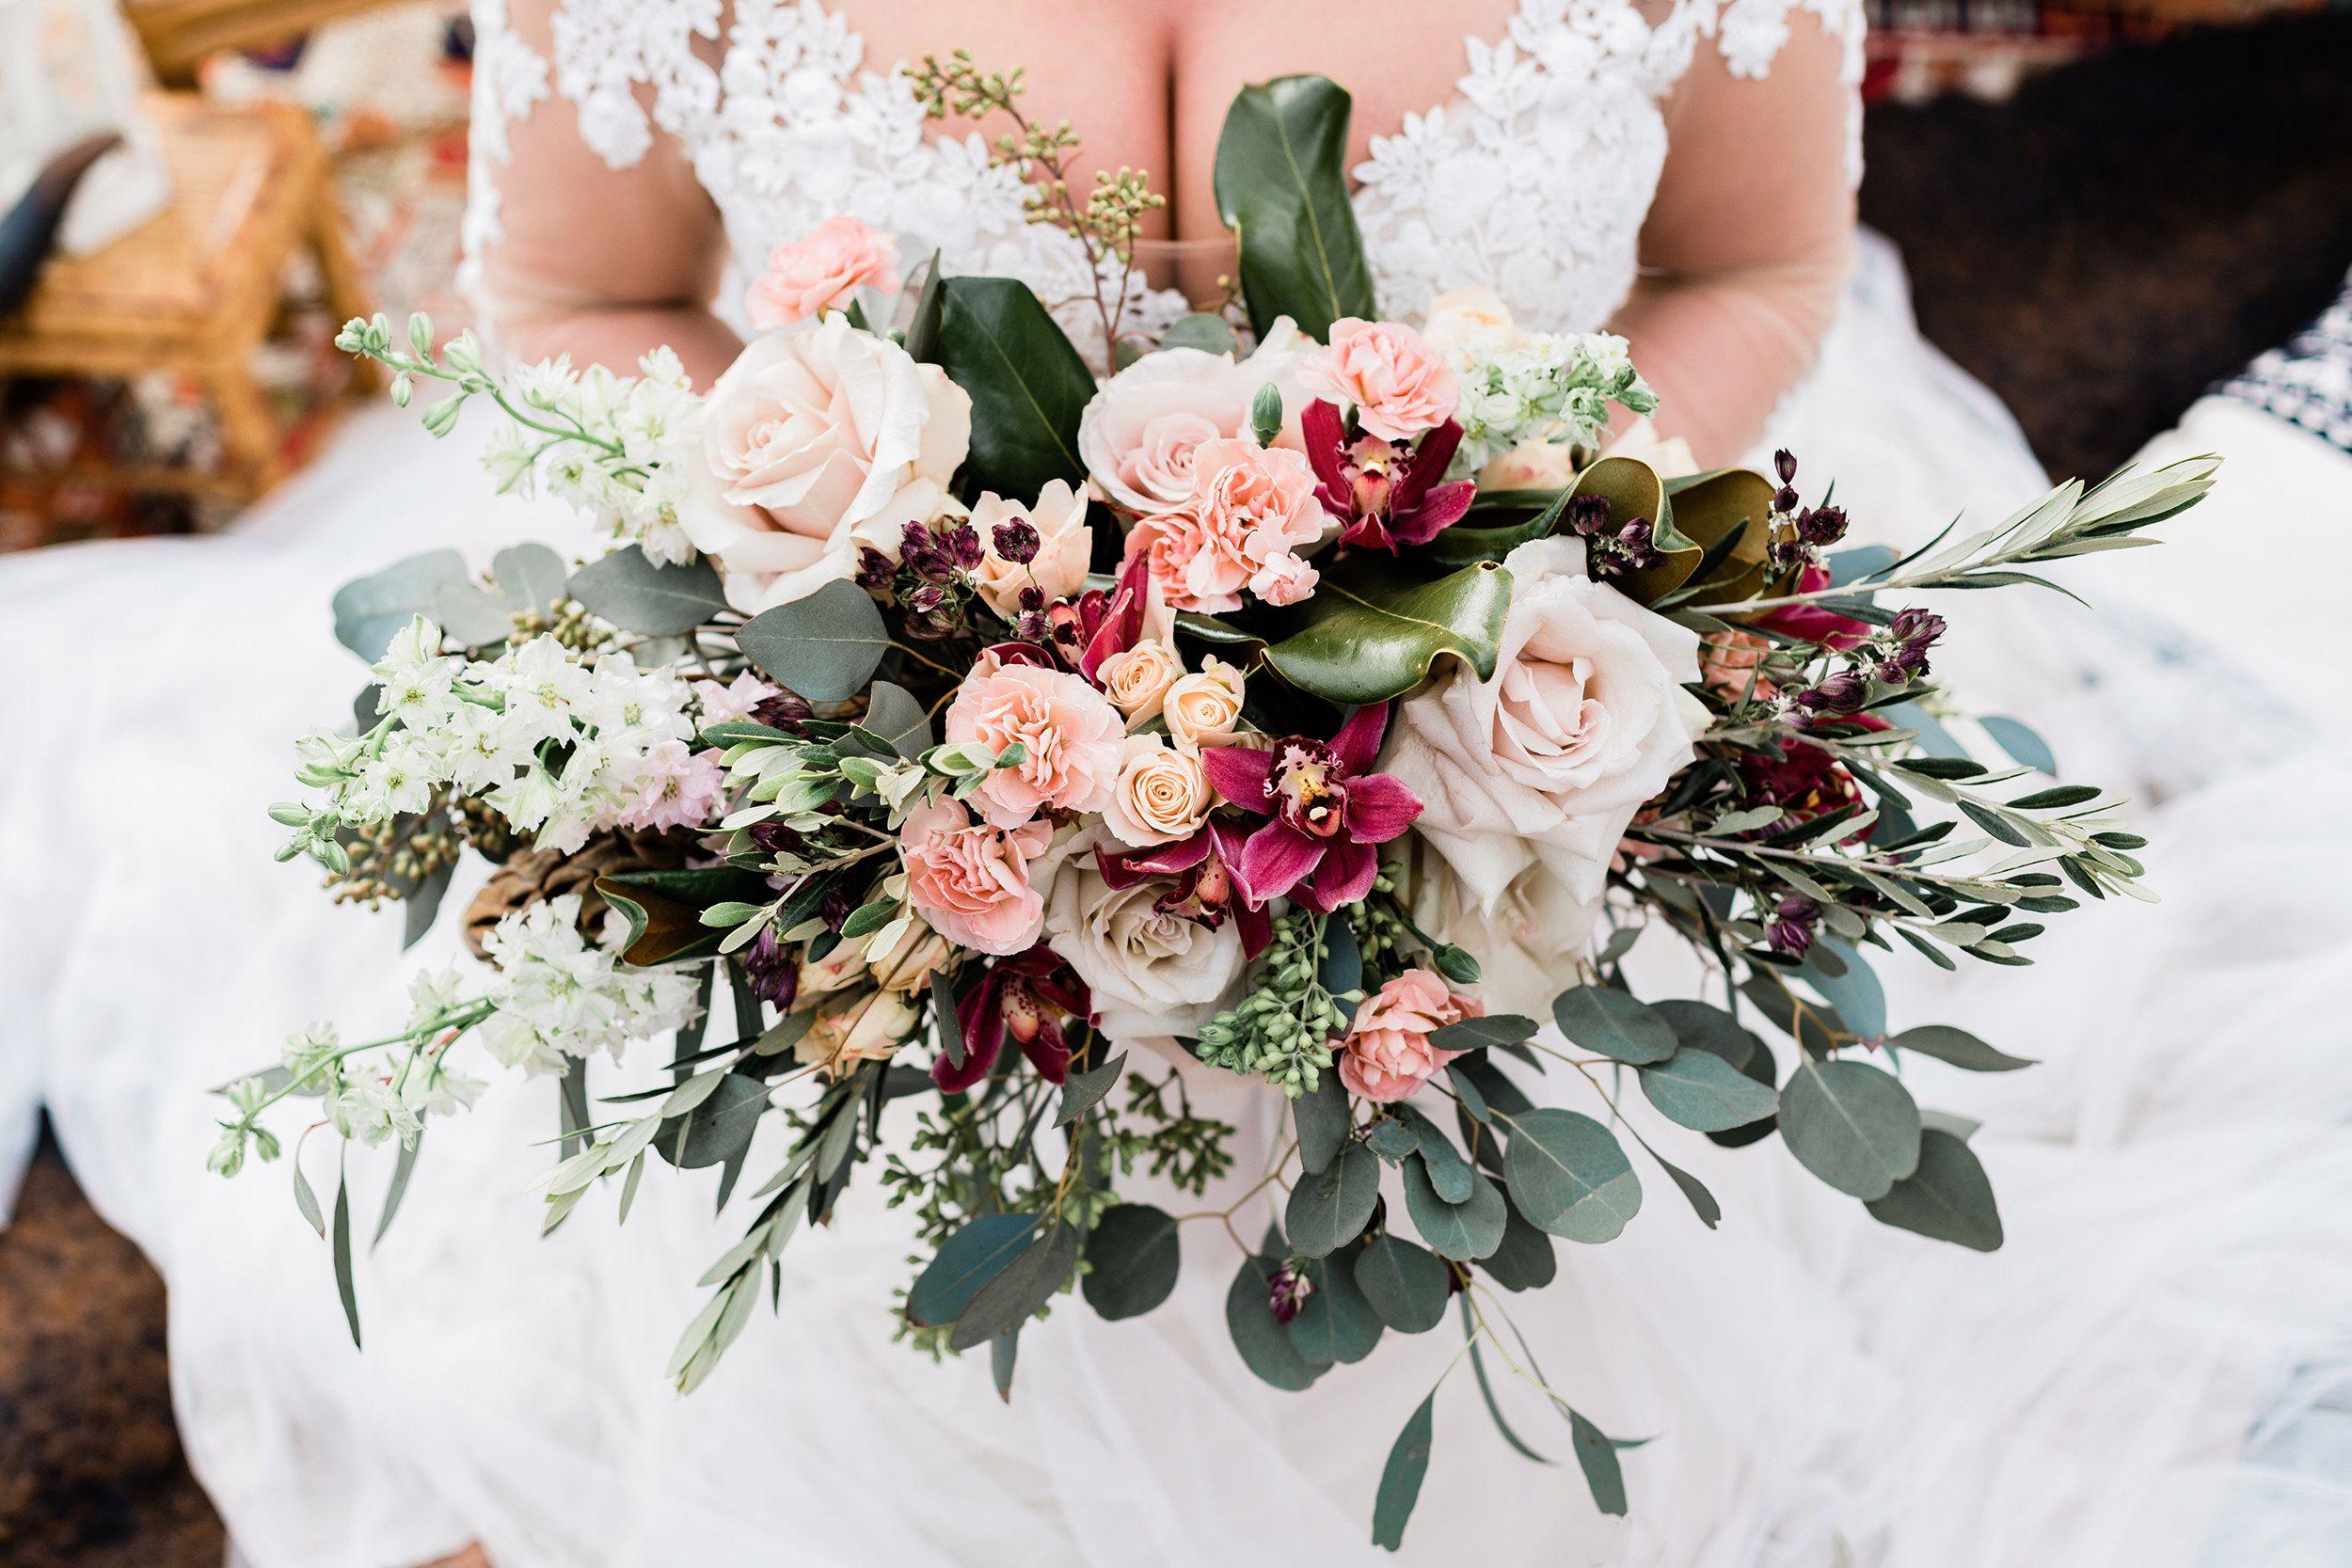 Bridal Bouquet Flower Farm Flowers Bridal Bouquet